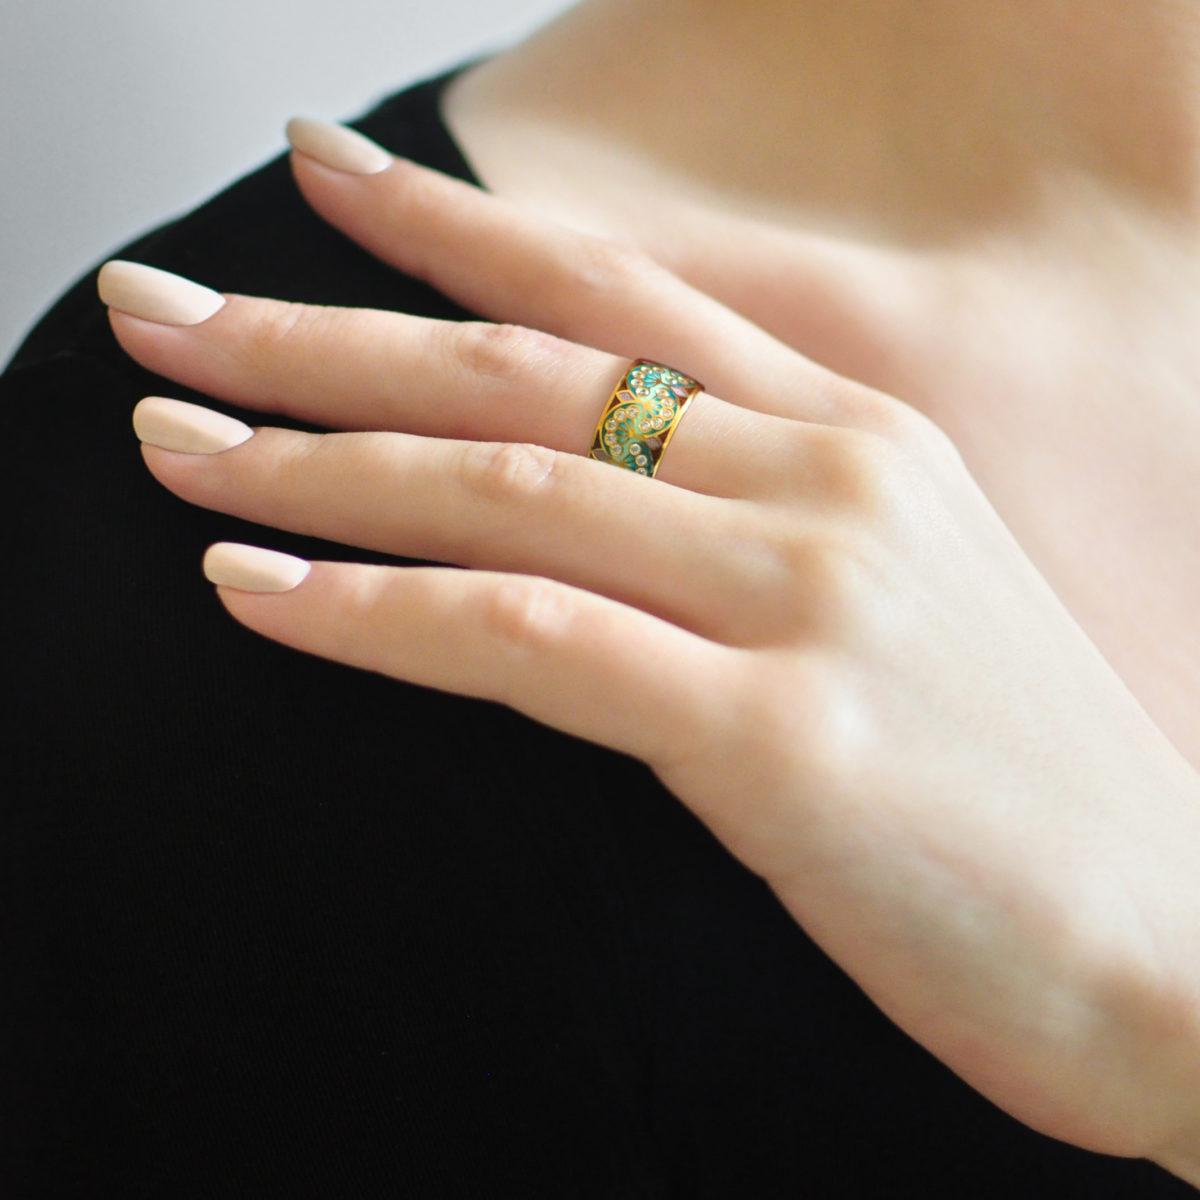 Zolochenie zelenaya 9 1200x1200 - Кольцо из серебра «Сады Семирамиды» (золочение), зеленое с фианитами